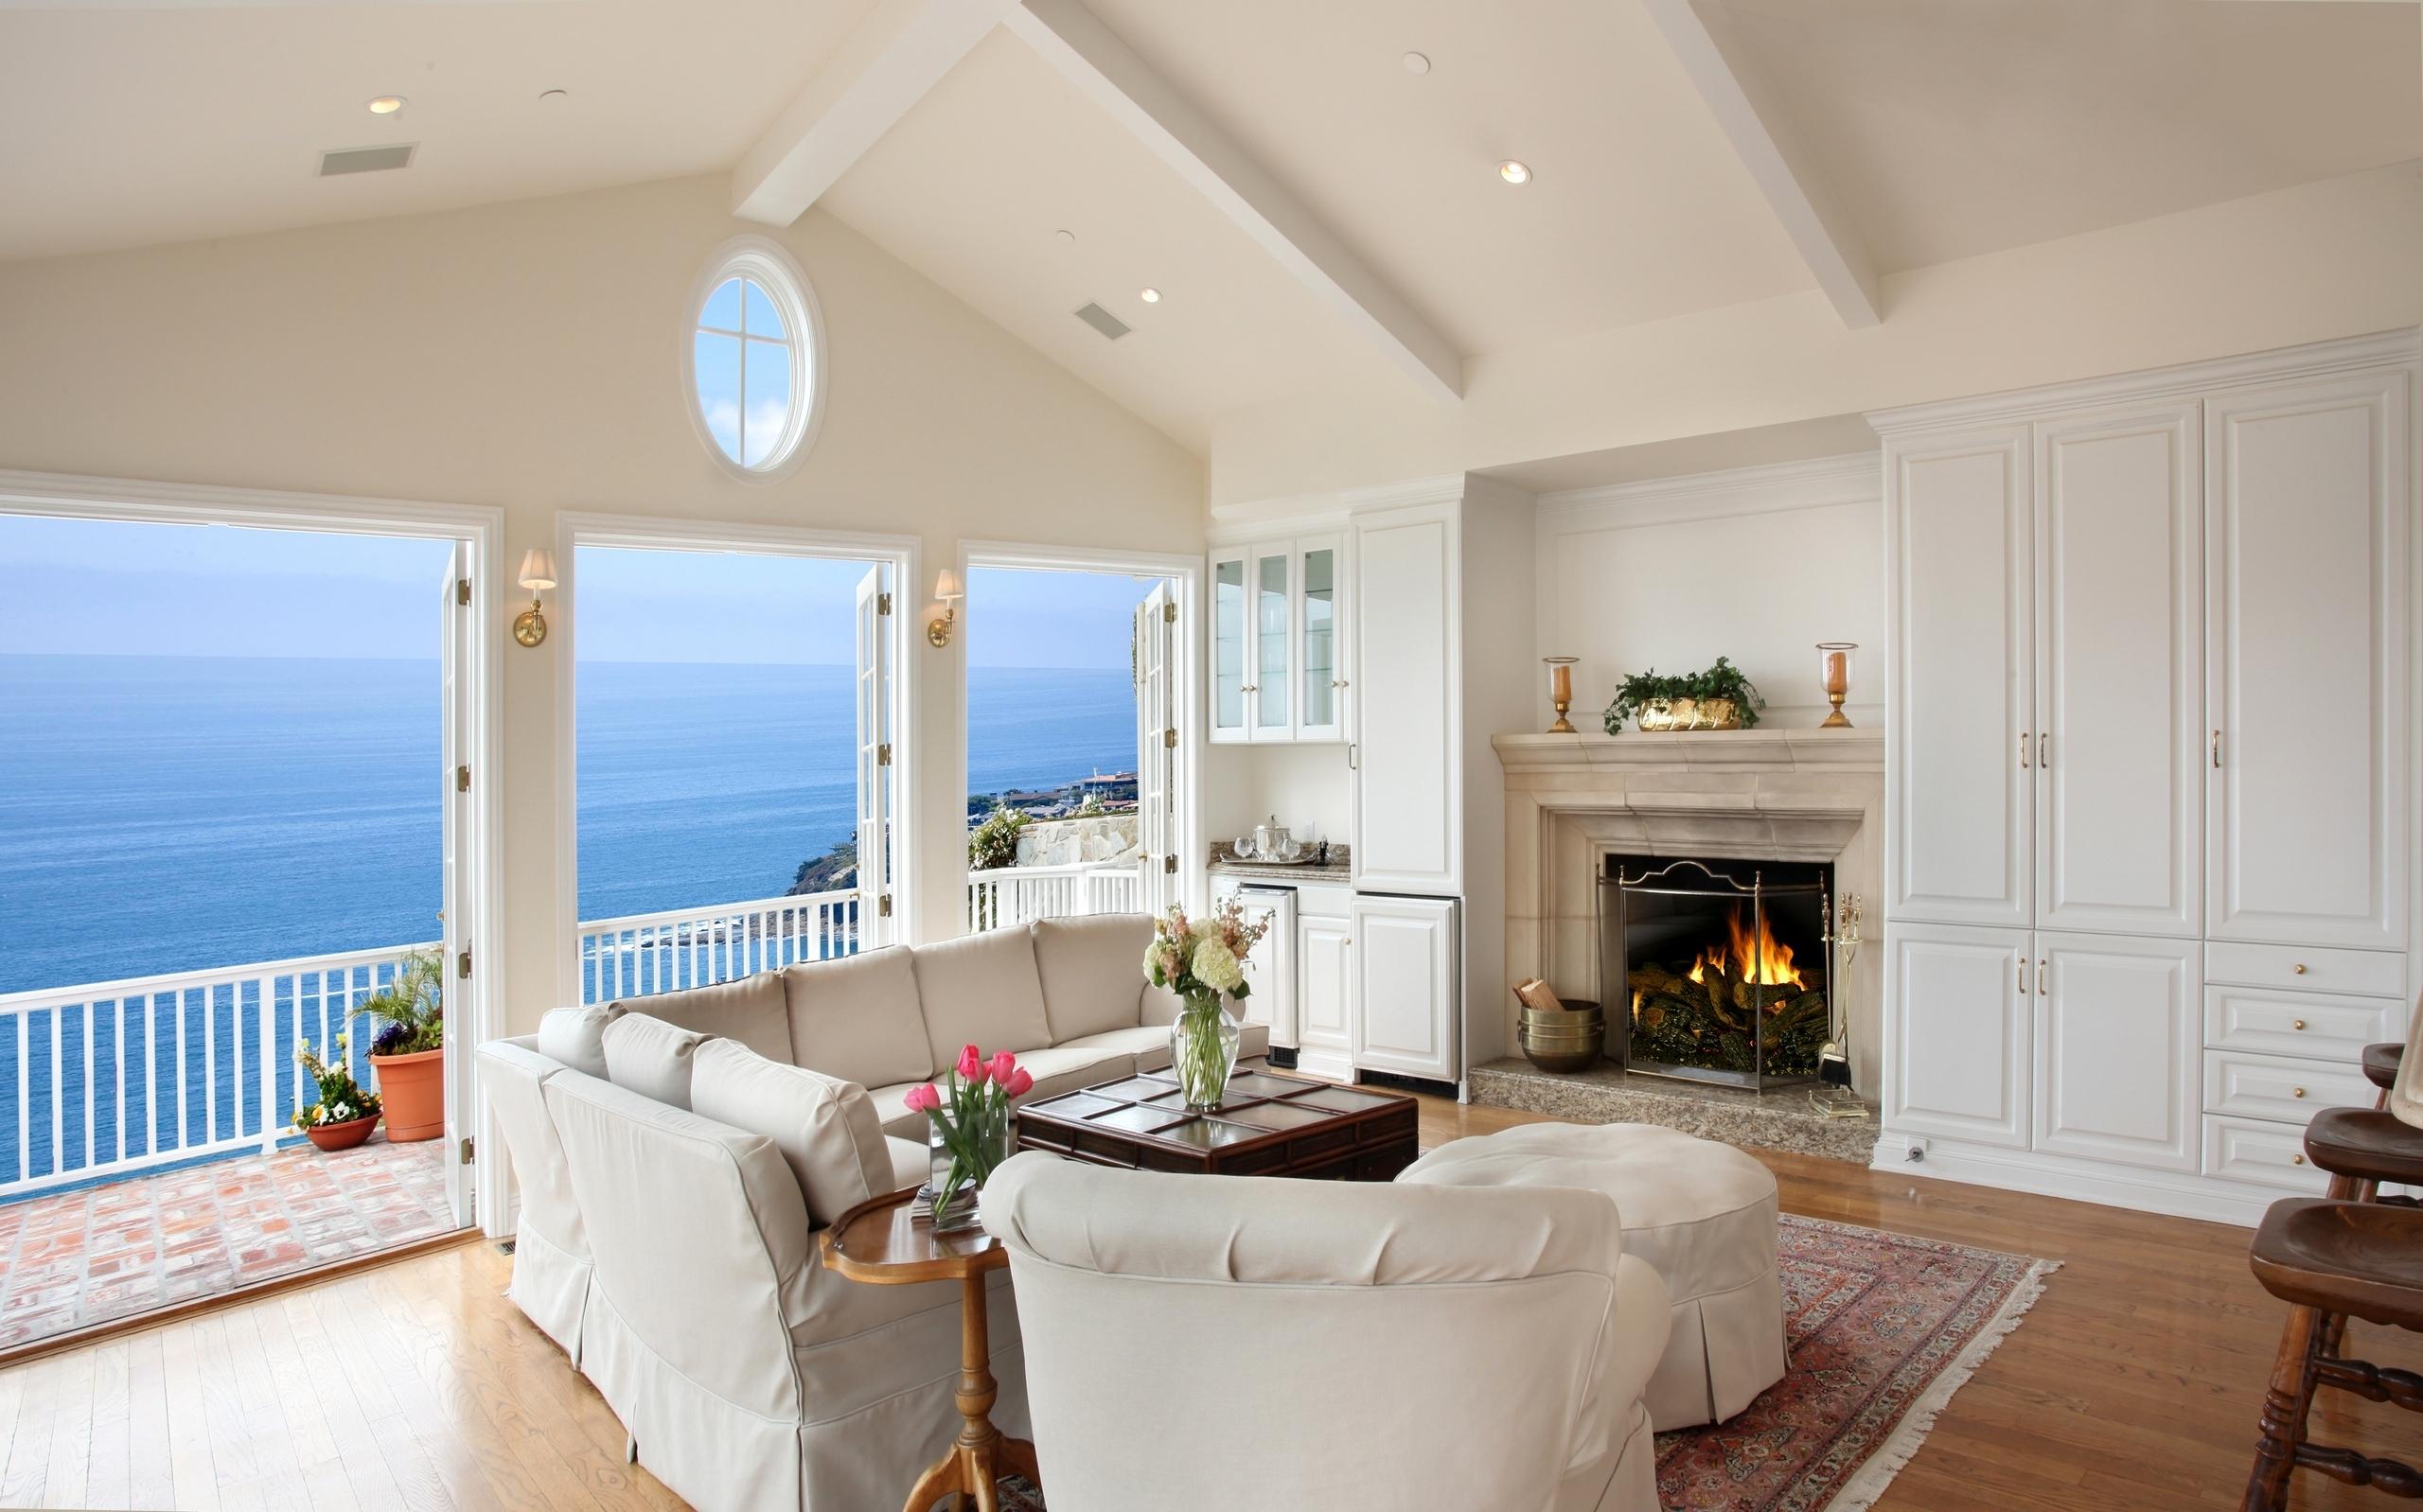 Картинка: Интерьер, дизайн, балкон, море, камин, комната, крыша